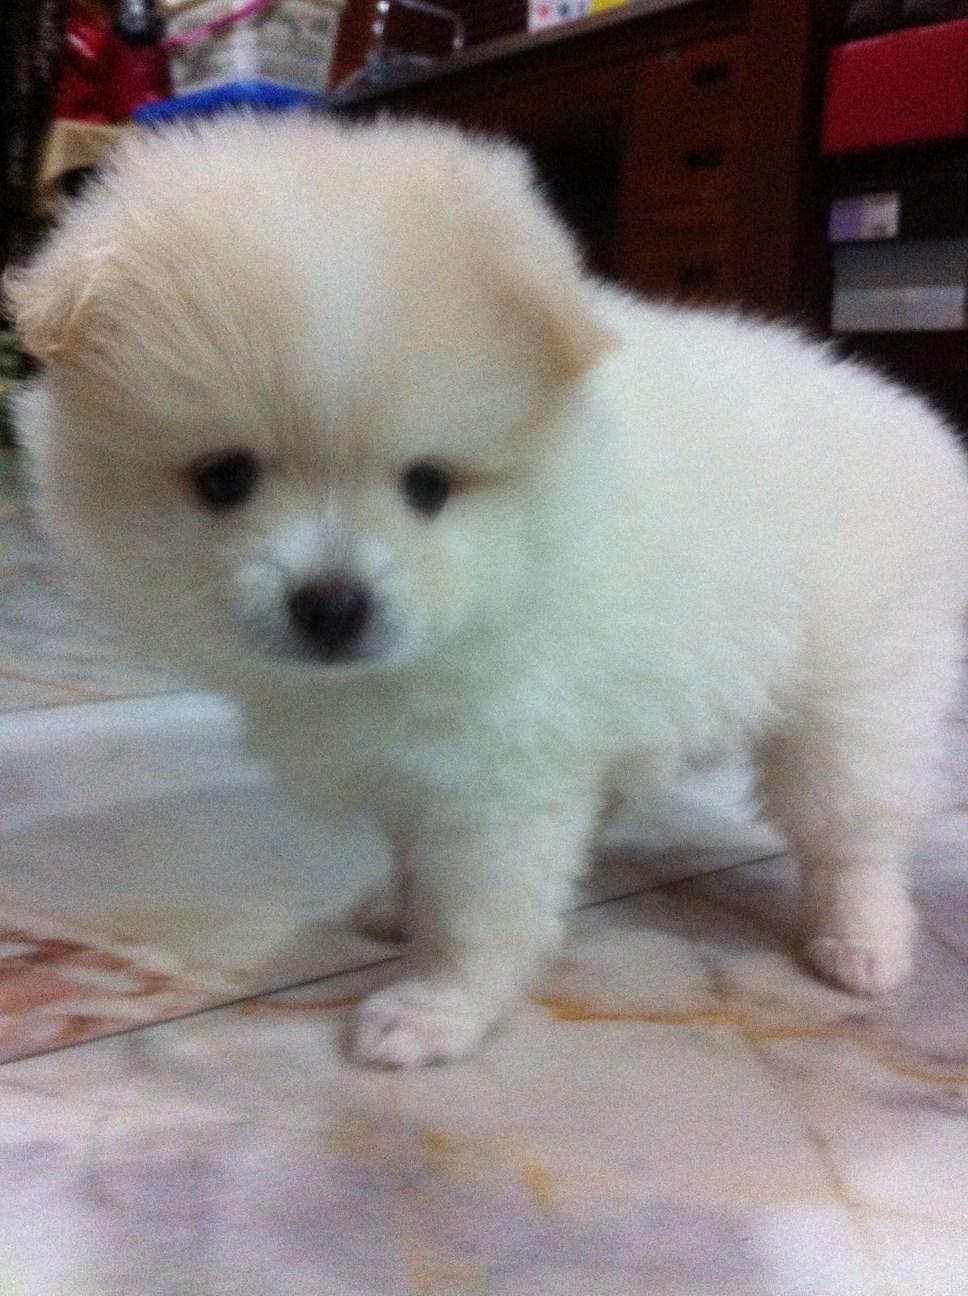 ขายหมาพันธุ์ปอมผสมปอมสปิด ไซค์เล็ก อายุตอนนี้ประมาณ 1 เดือนกว่า